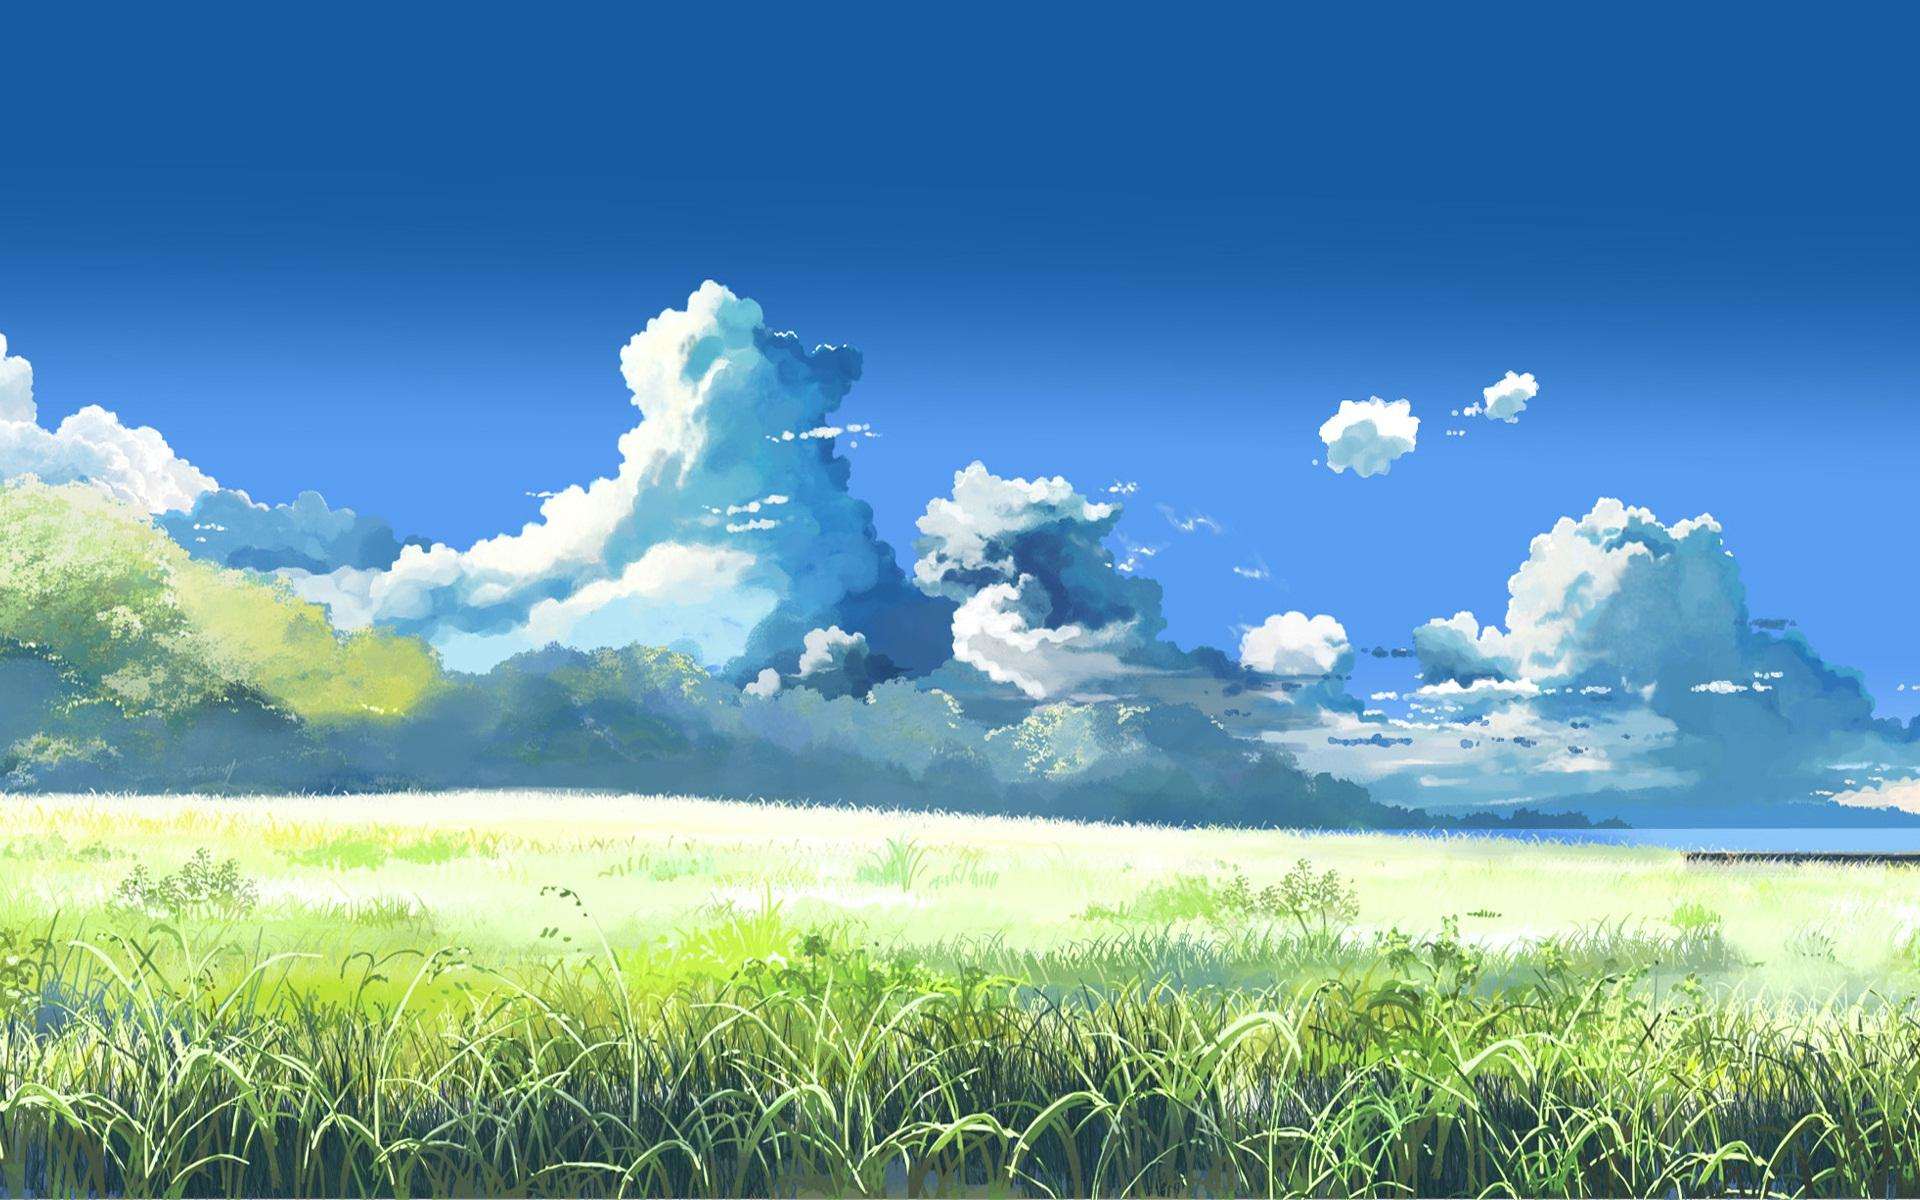 Anime Landscape Wallpaper Zendha